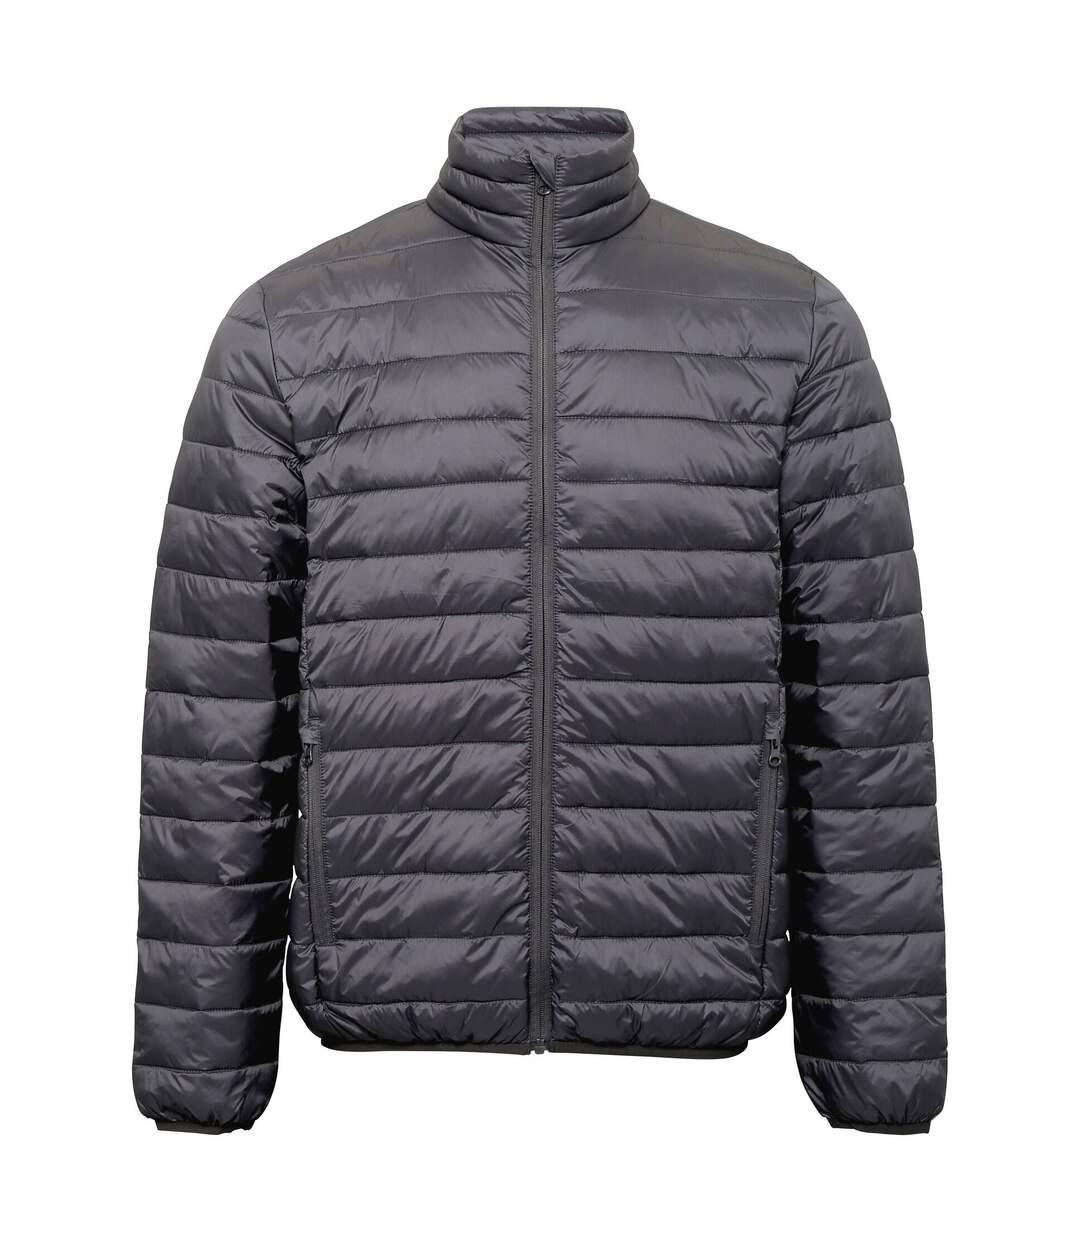 2786 Mens Terrain Long Sleeves Padded Jacket (Steel) - UTRW6282